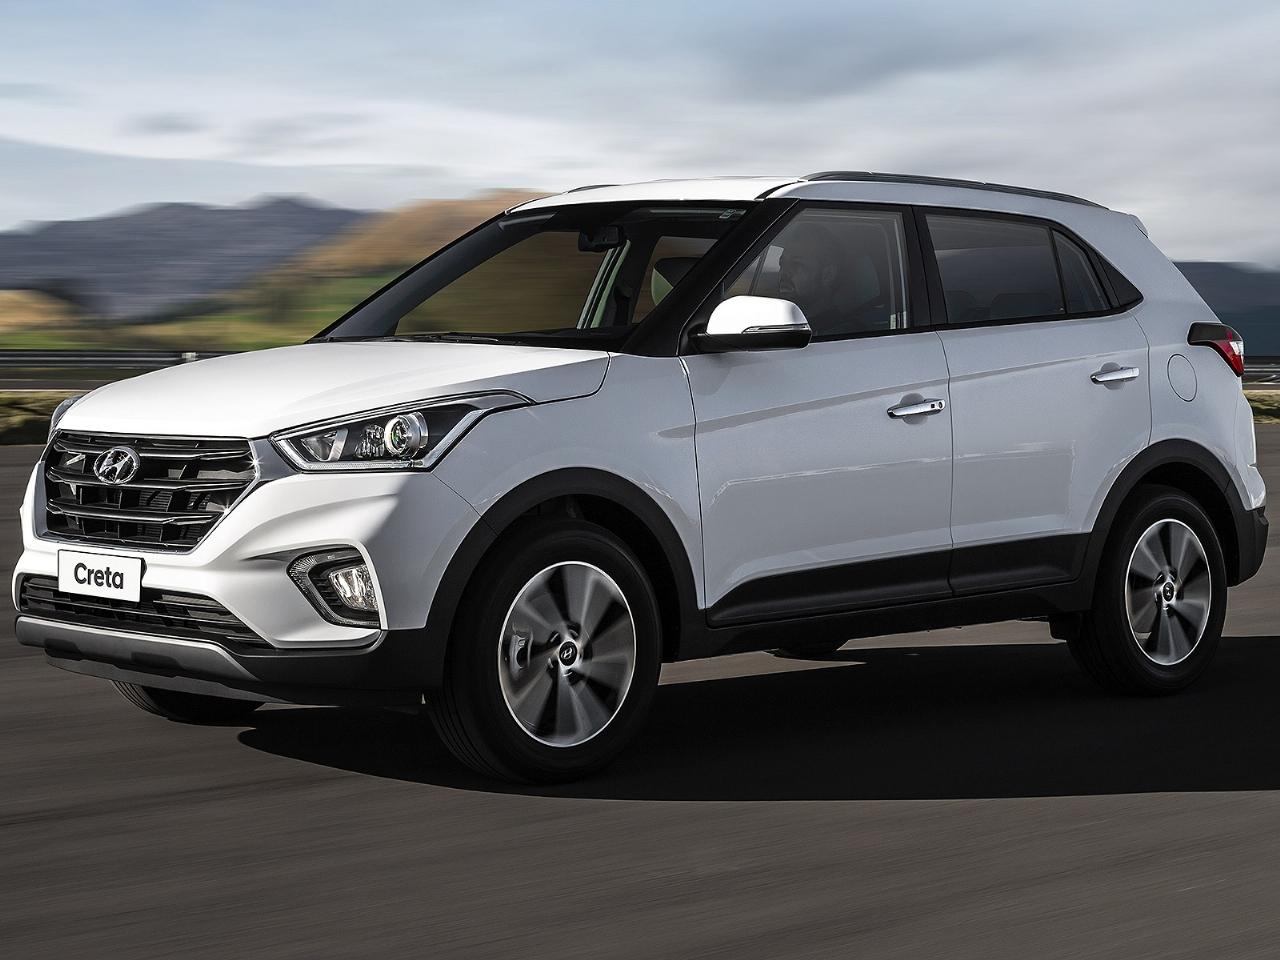 Hyundai объявила цены на кросс Creta в новом лимитированном исполнении